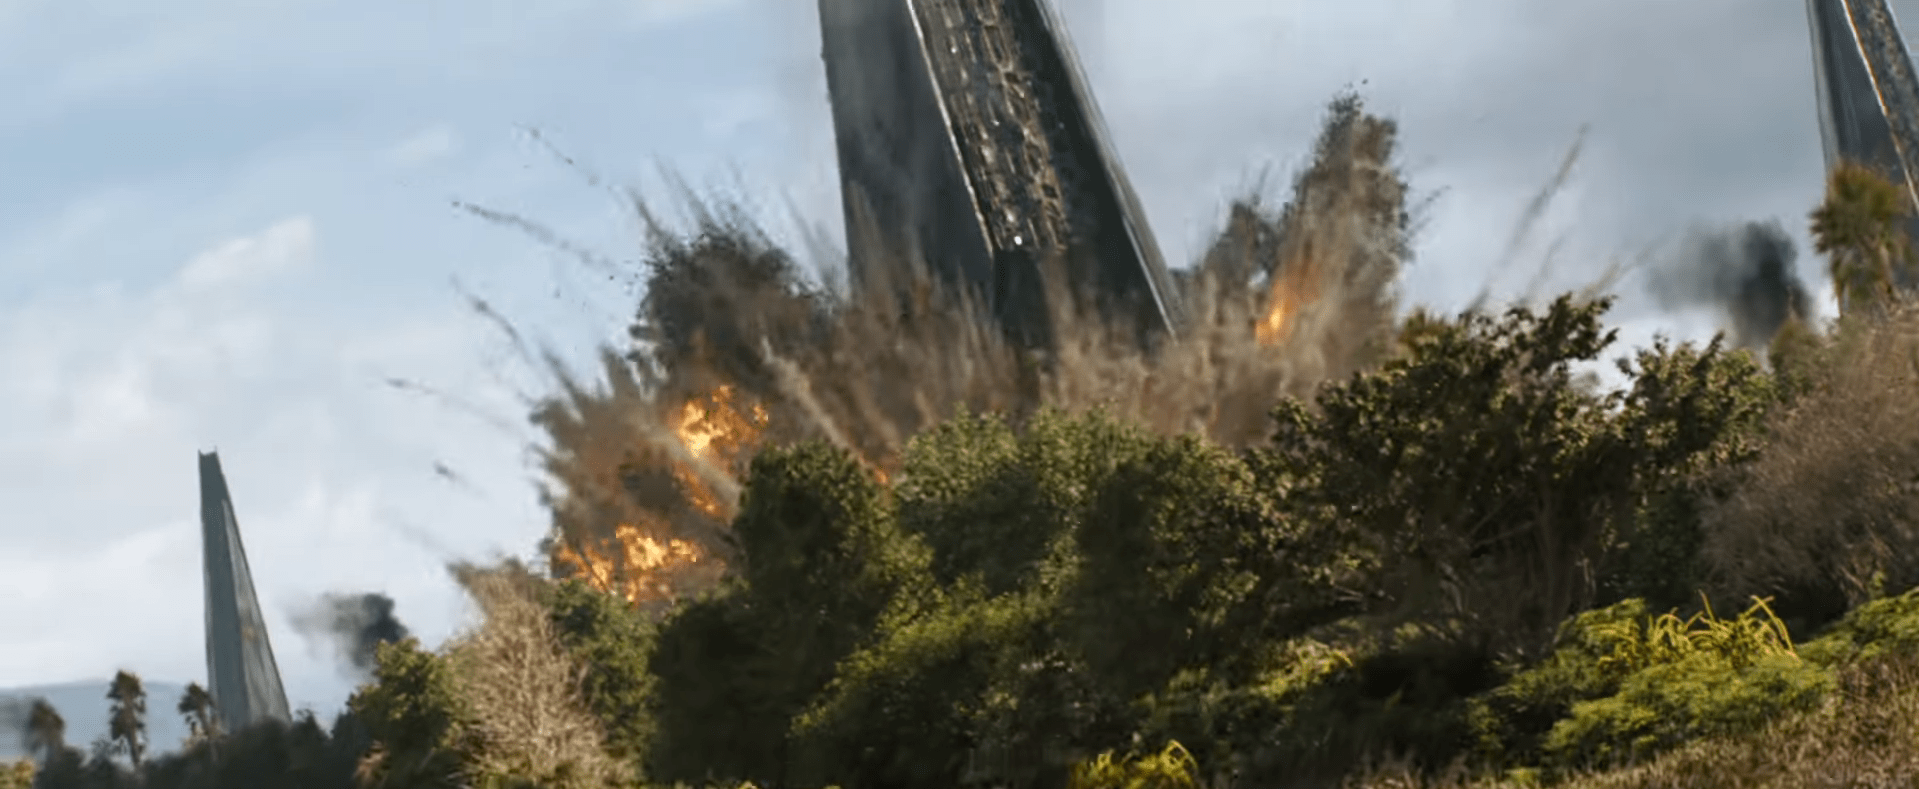 «Война Бесконечности»: что показали в трейлере? 5